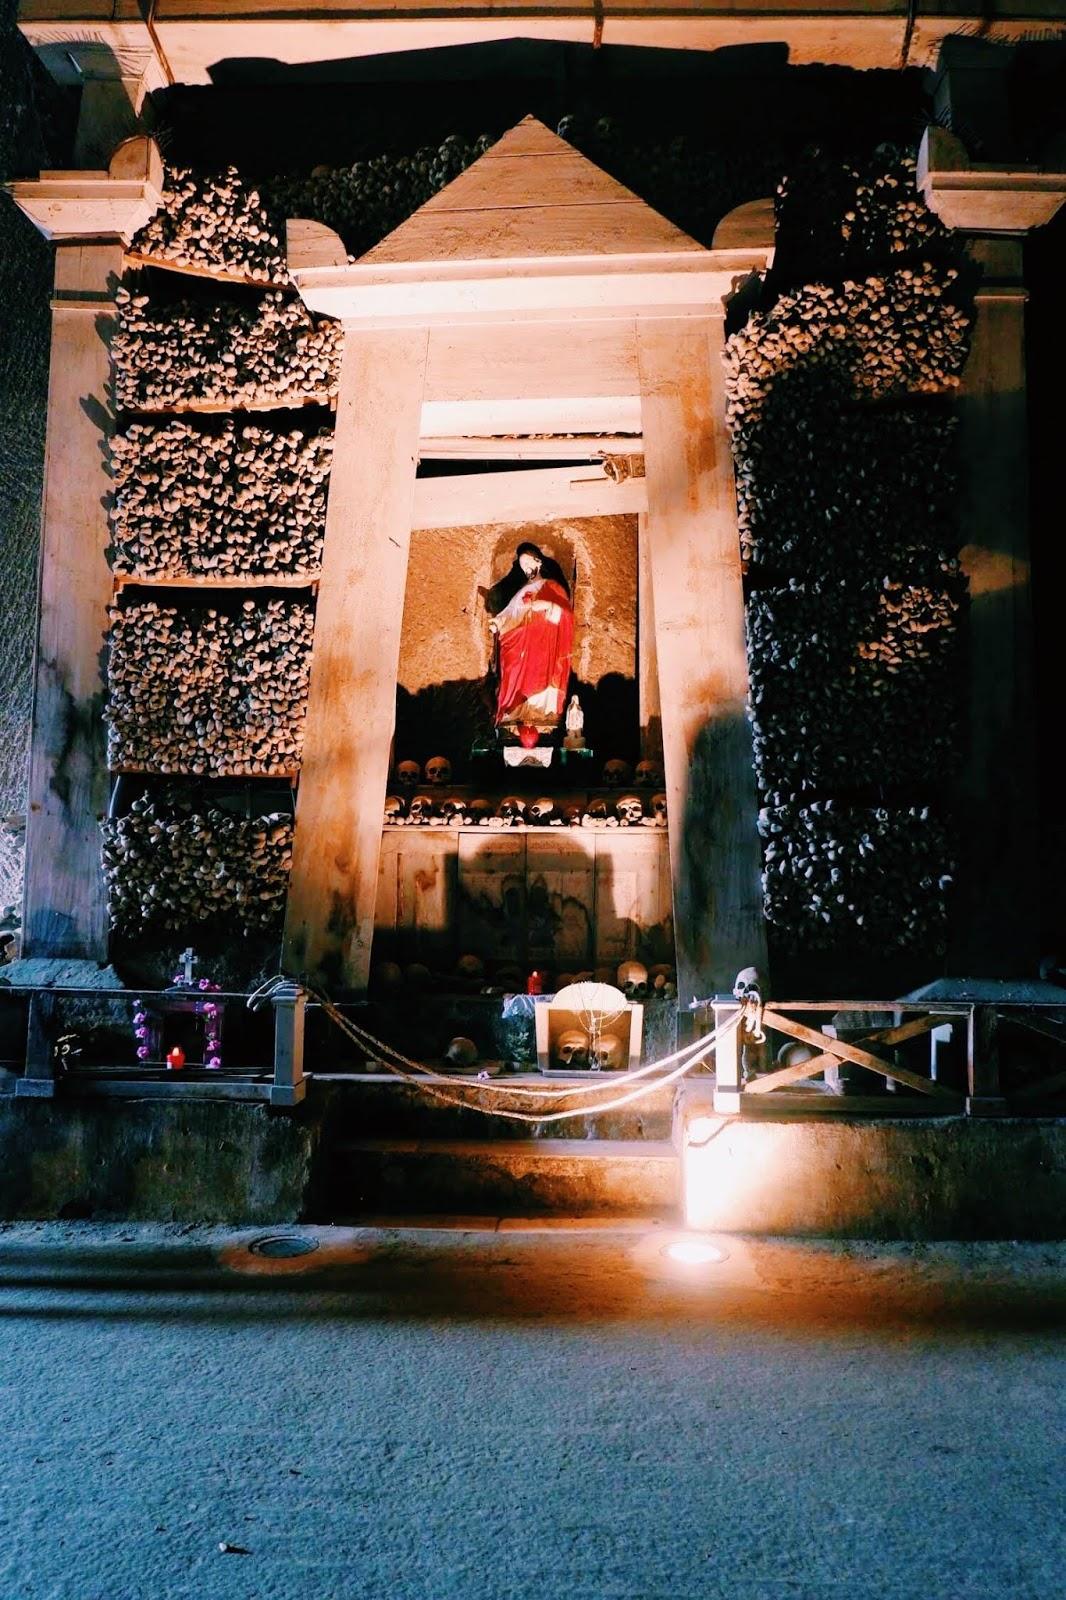 The Cimitero Delle Fontanelle